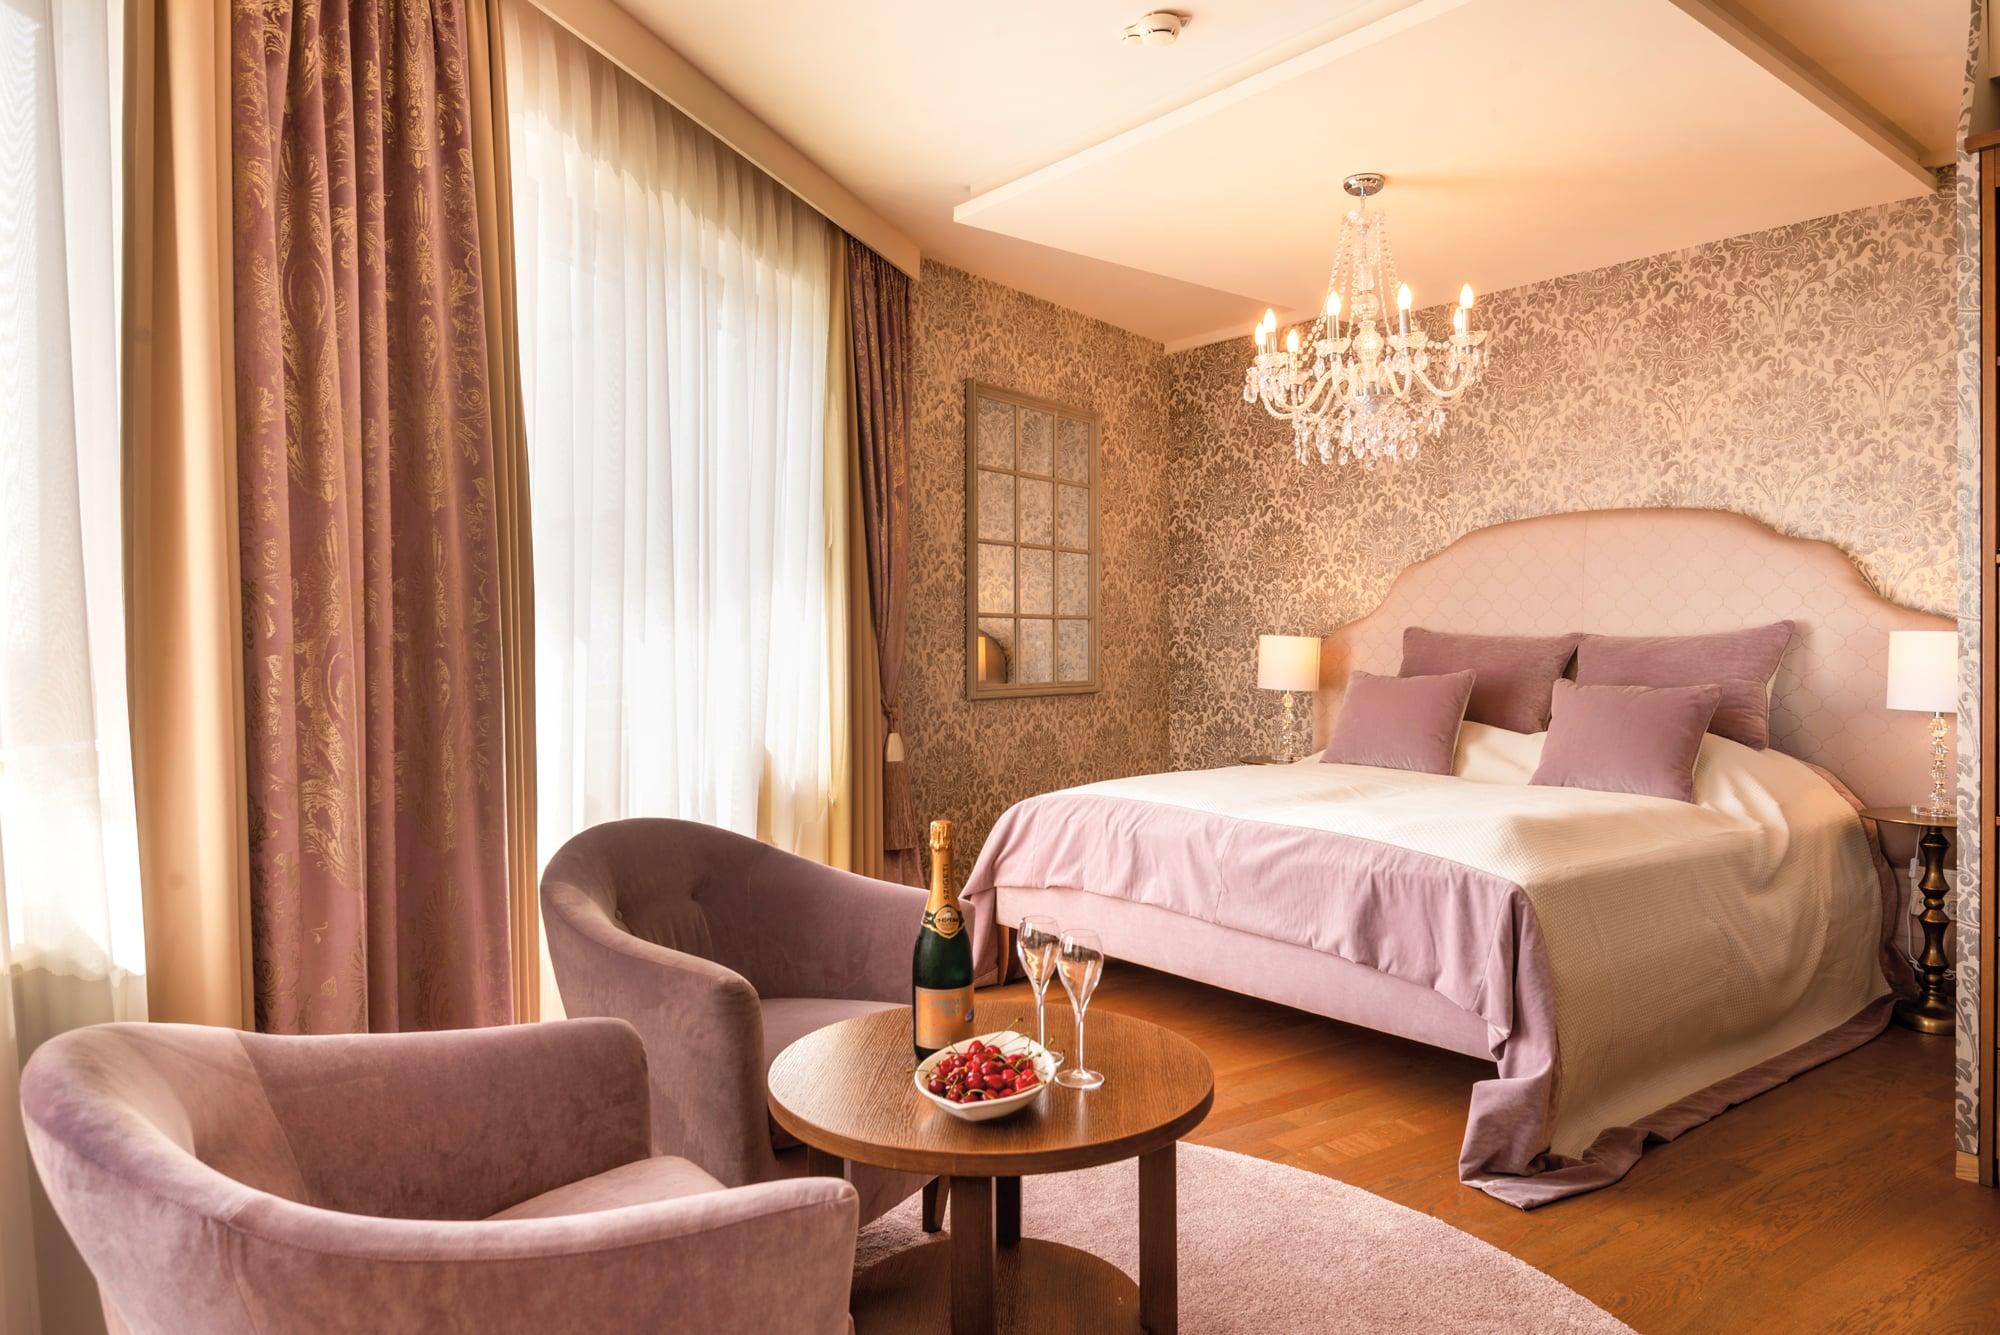 Romantikzimmer im Hotel Larimar in Stegersbach